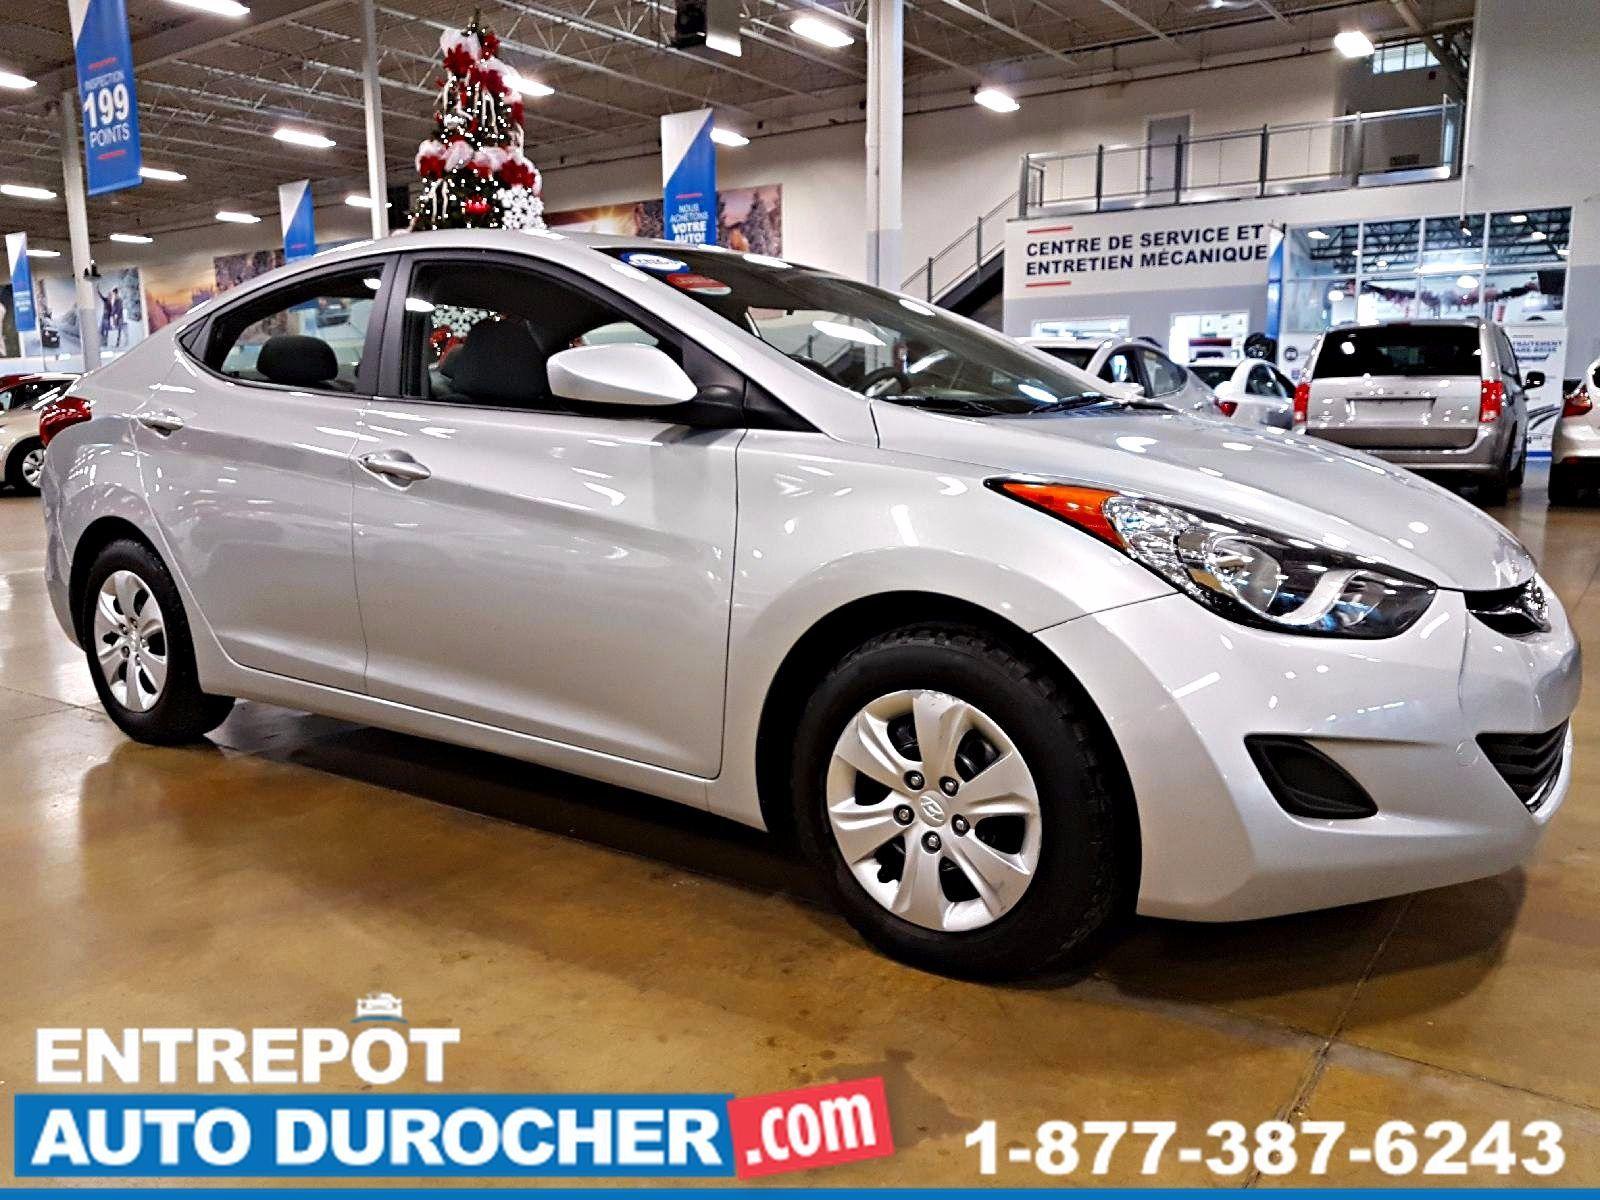 Hyundai Elantra AUTOMATIQUE - GROUPE ÉLECTRIQUE 2012